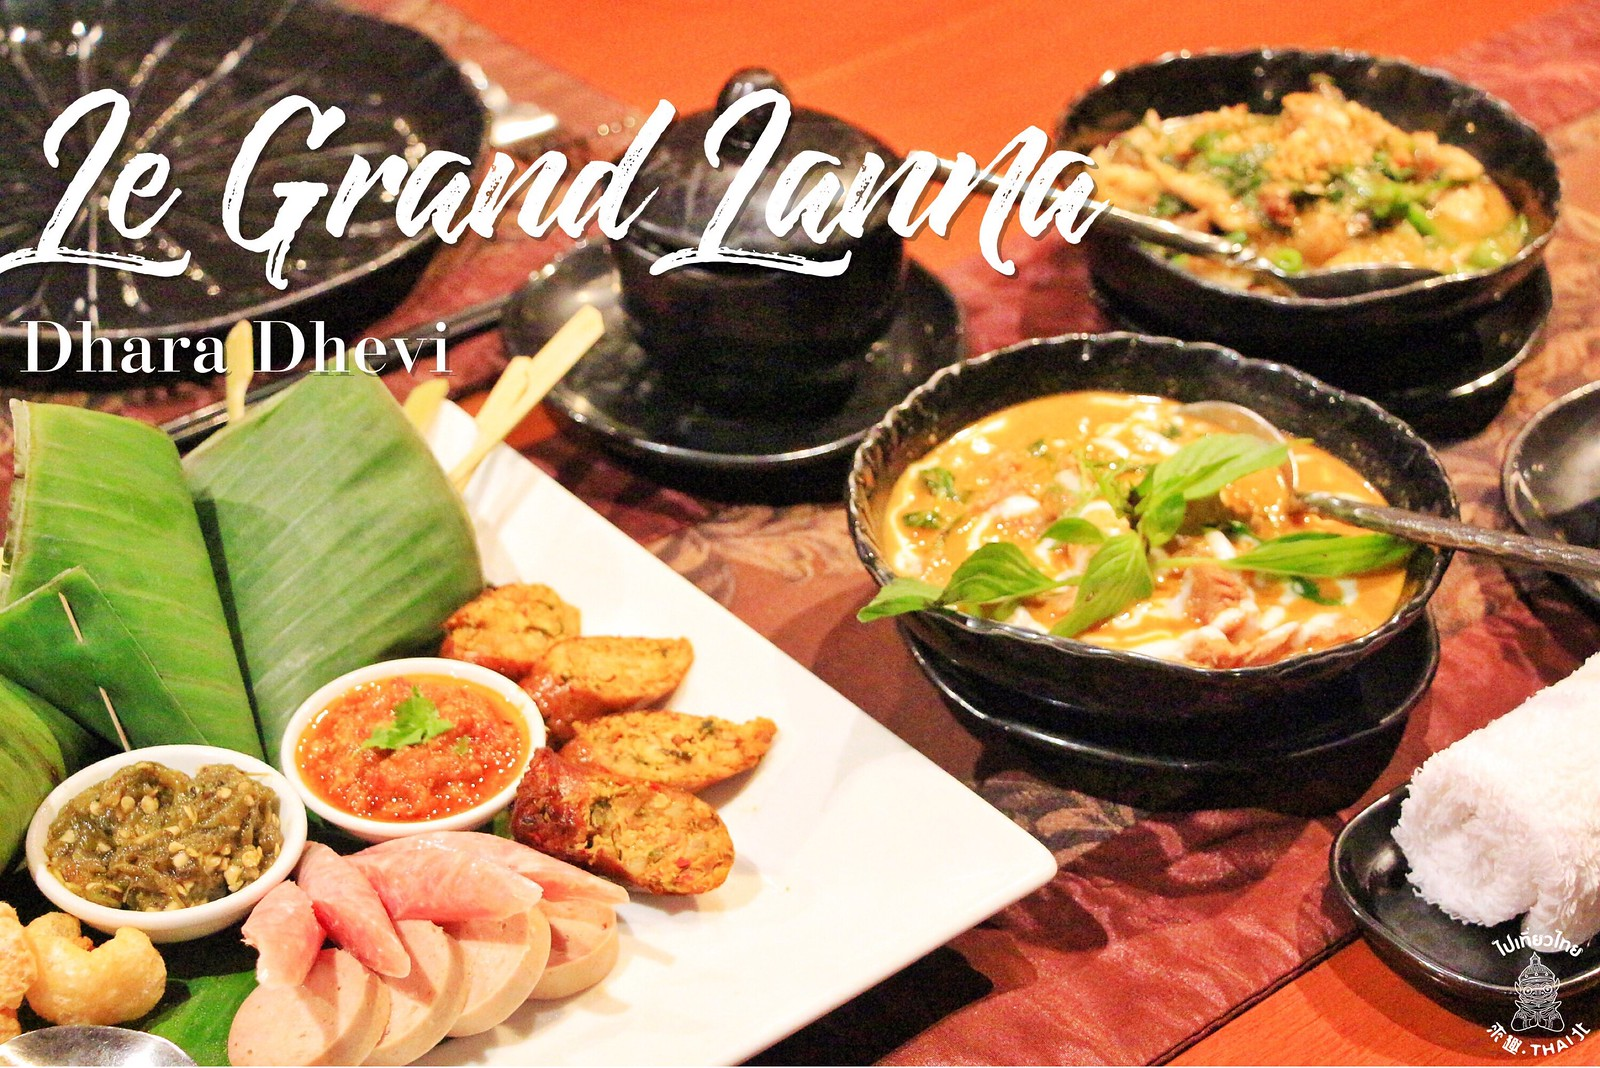 華麗的泰式傳統高腳屋泰北餐廳「Le Grand Lanna」